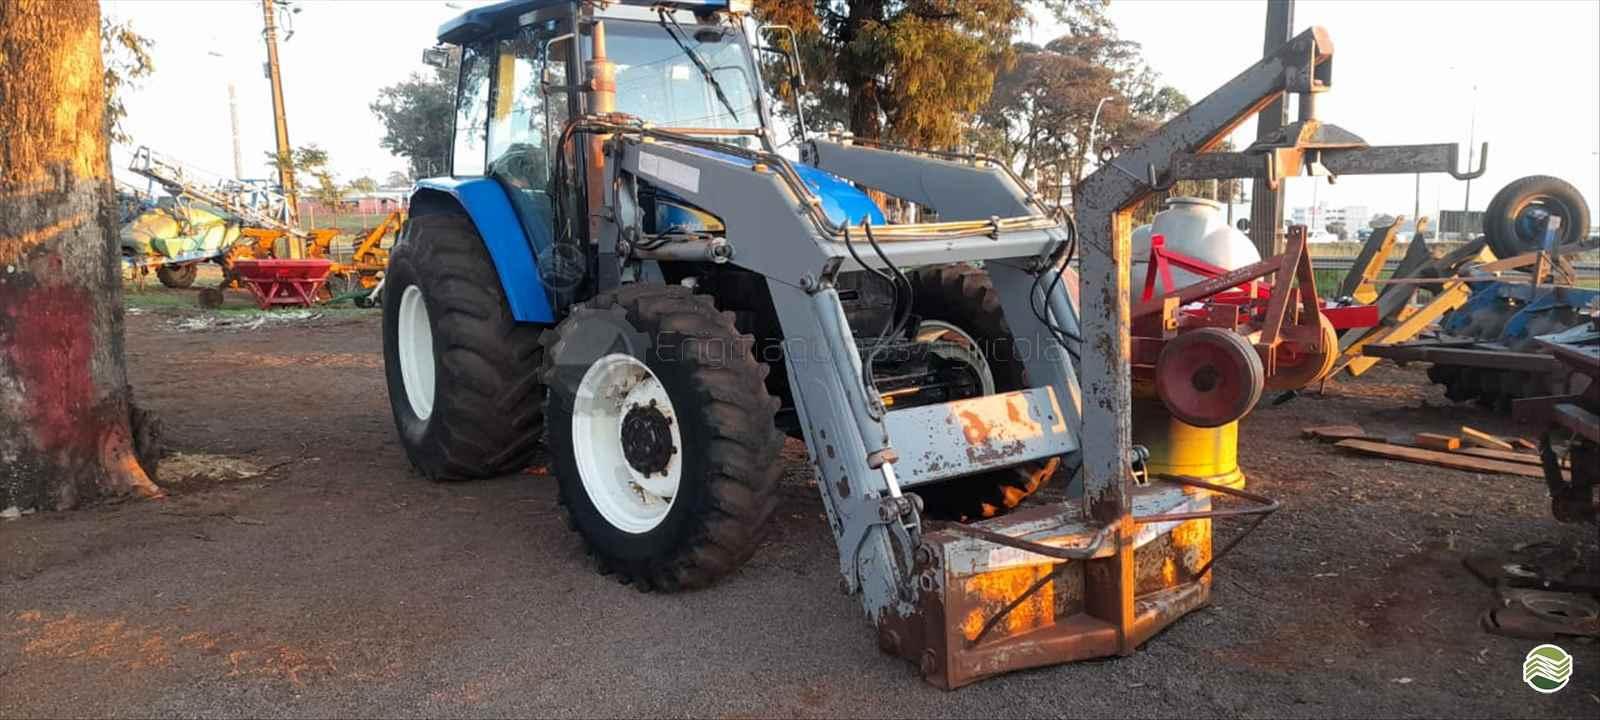 TRATOR NEW HOLLAND NEW TS 6020 Tração 4x4 Engmáquinas Agrícolas CASCAVEL PARANÁ PR